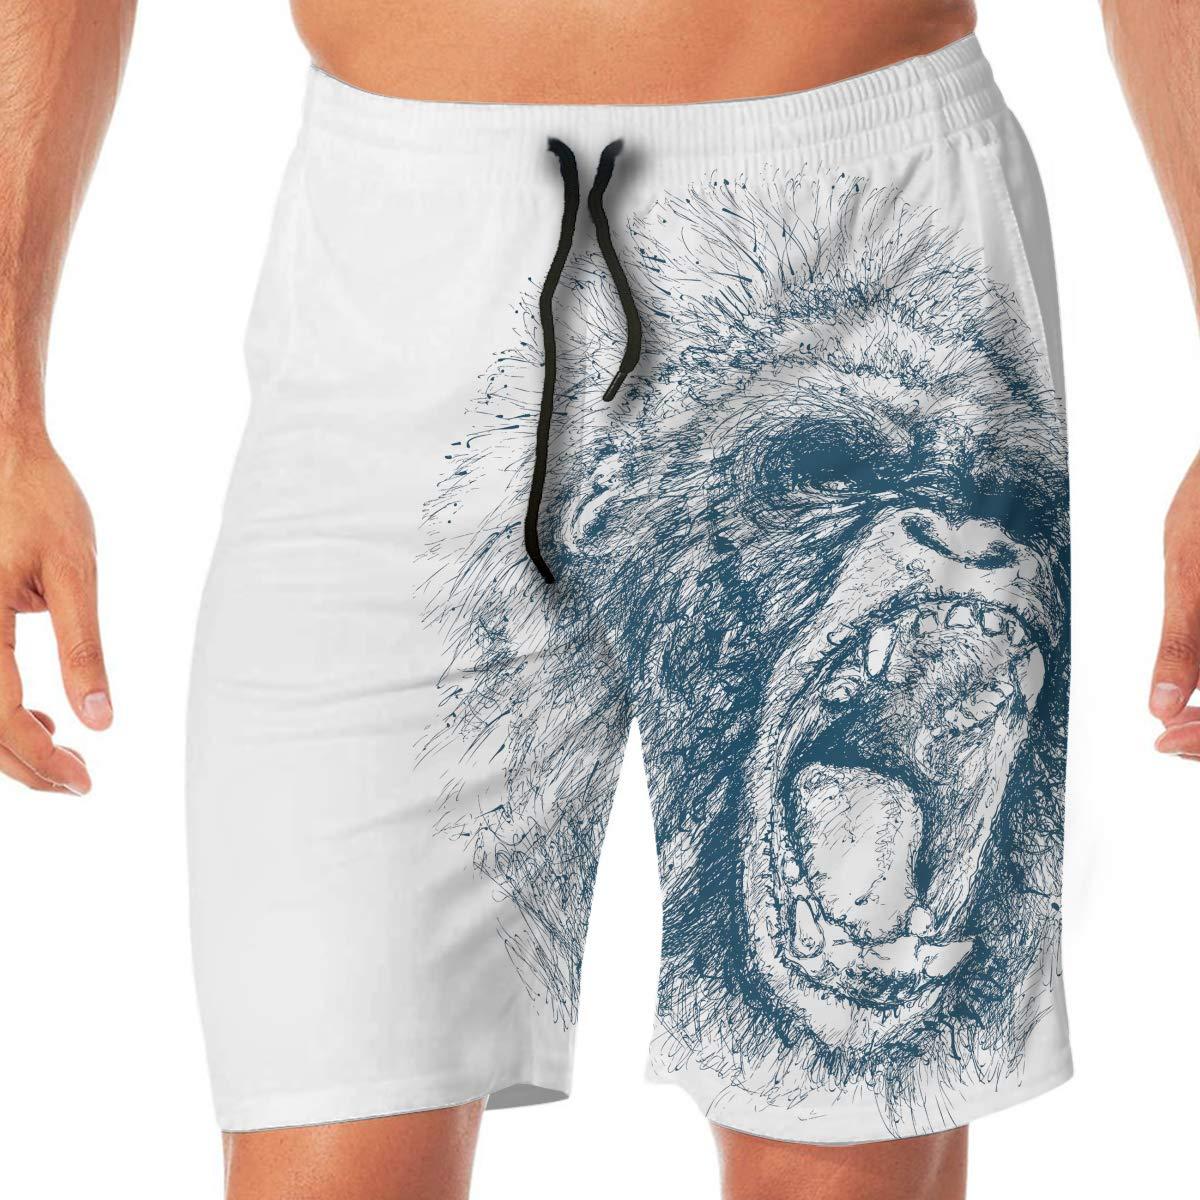 LianLiYa Mens African Gorilla Printed Beach Shorts No Mesh Lining